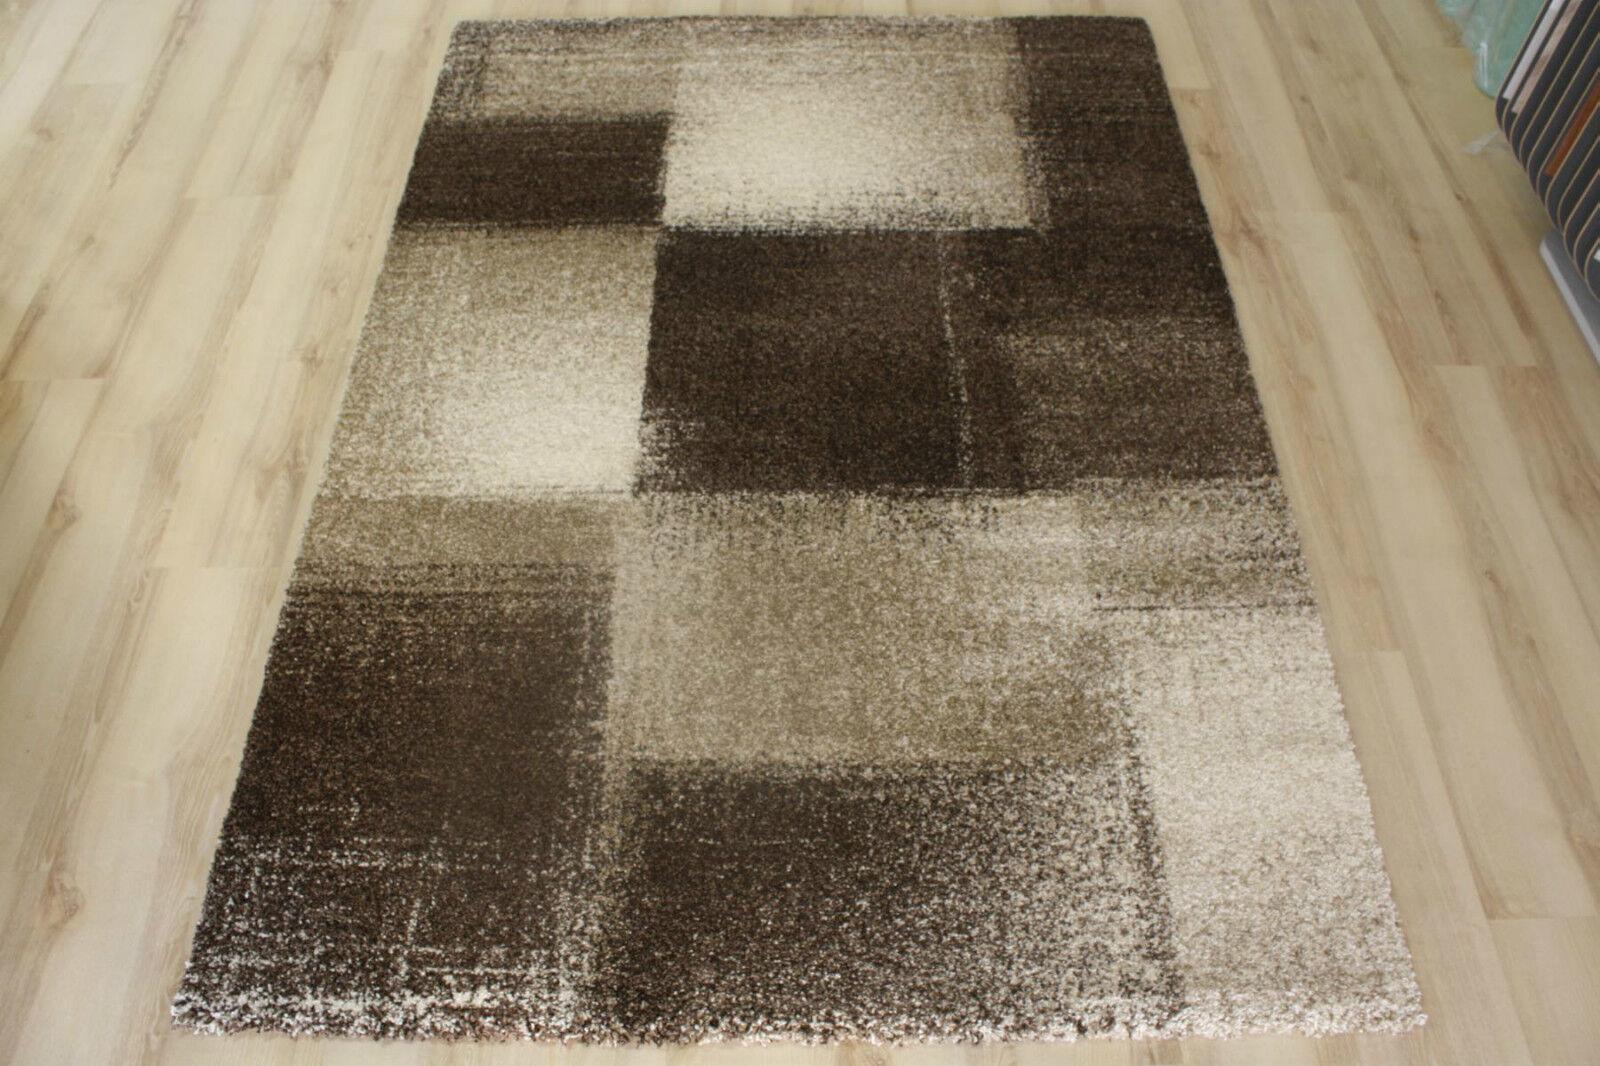 ASTRA samoa tapis 6870 151 060 Marron 120x180cm NEUF